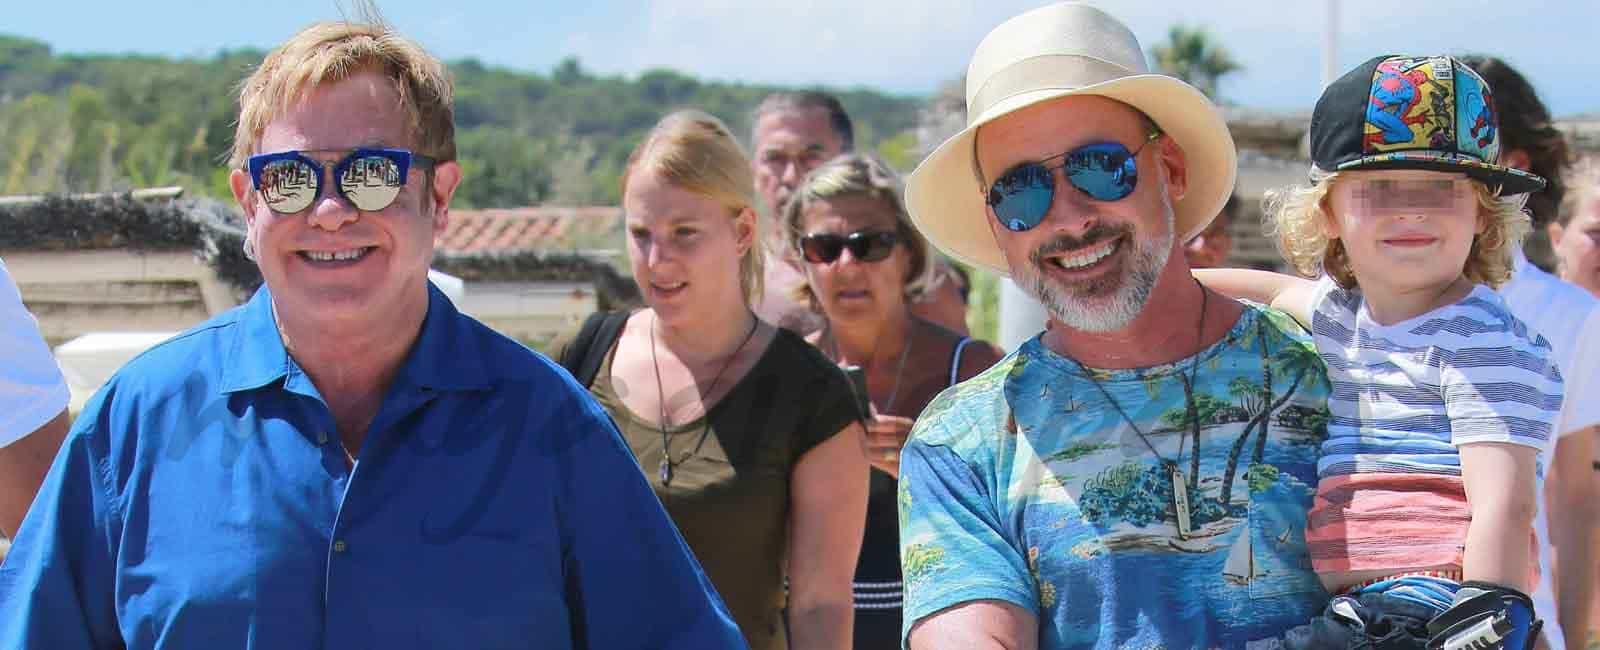 Elton John con su marido y sus hijos, vacaciones en Saint Tropez